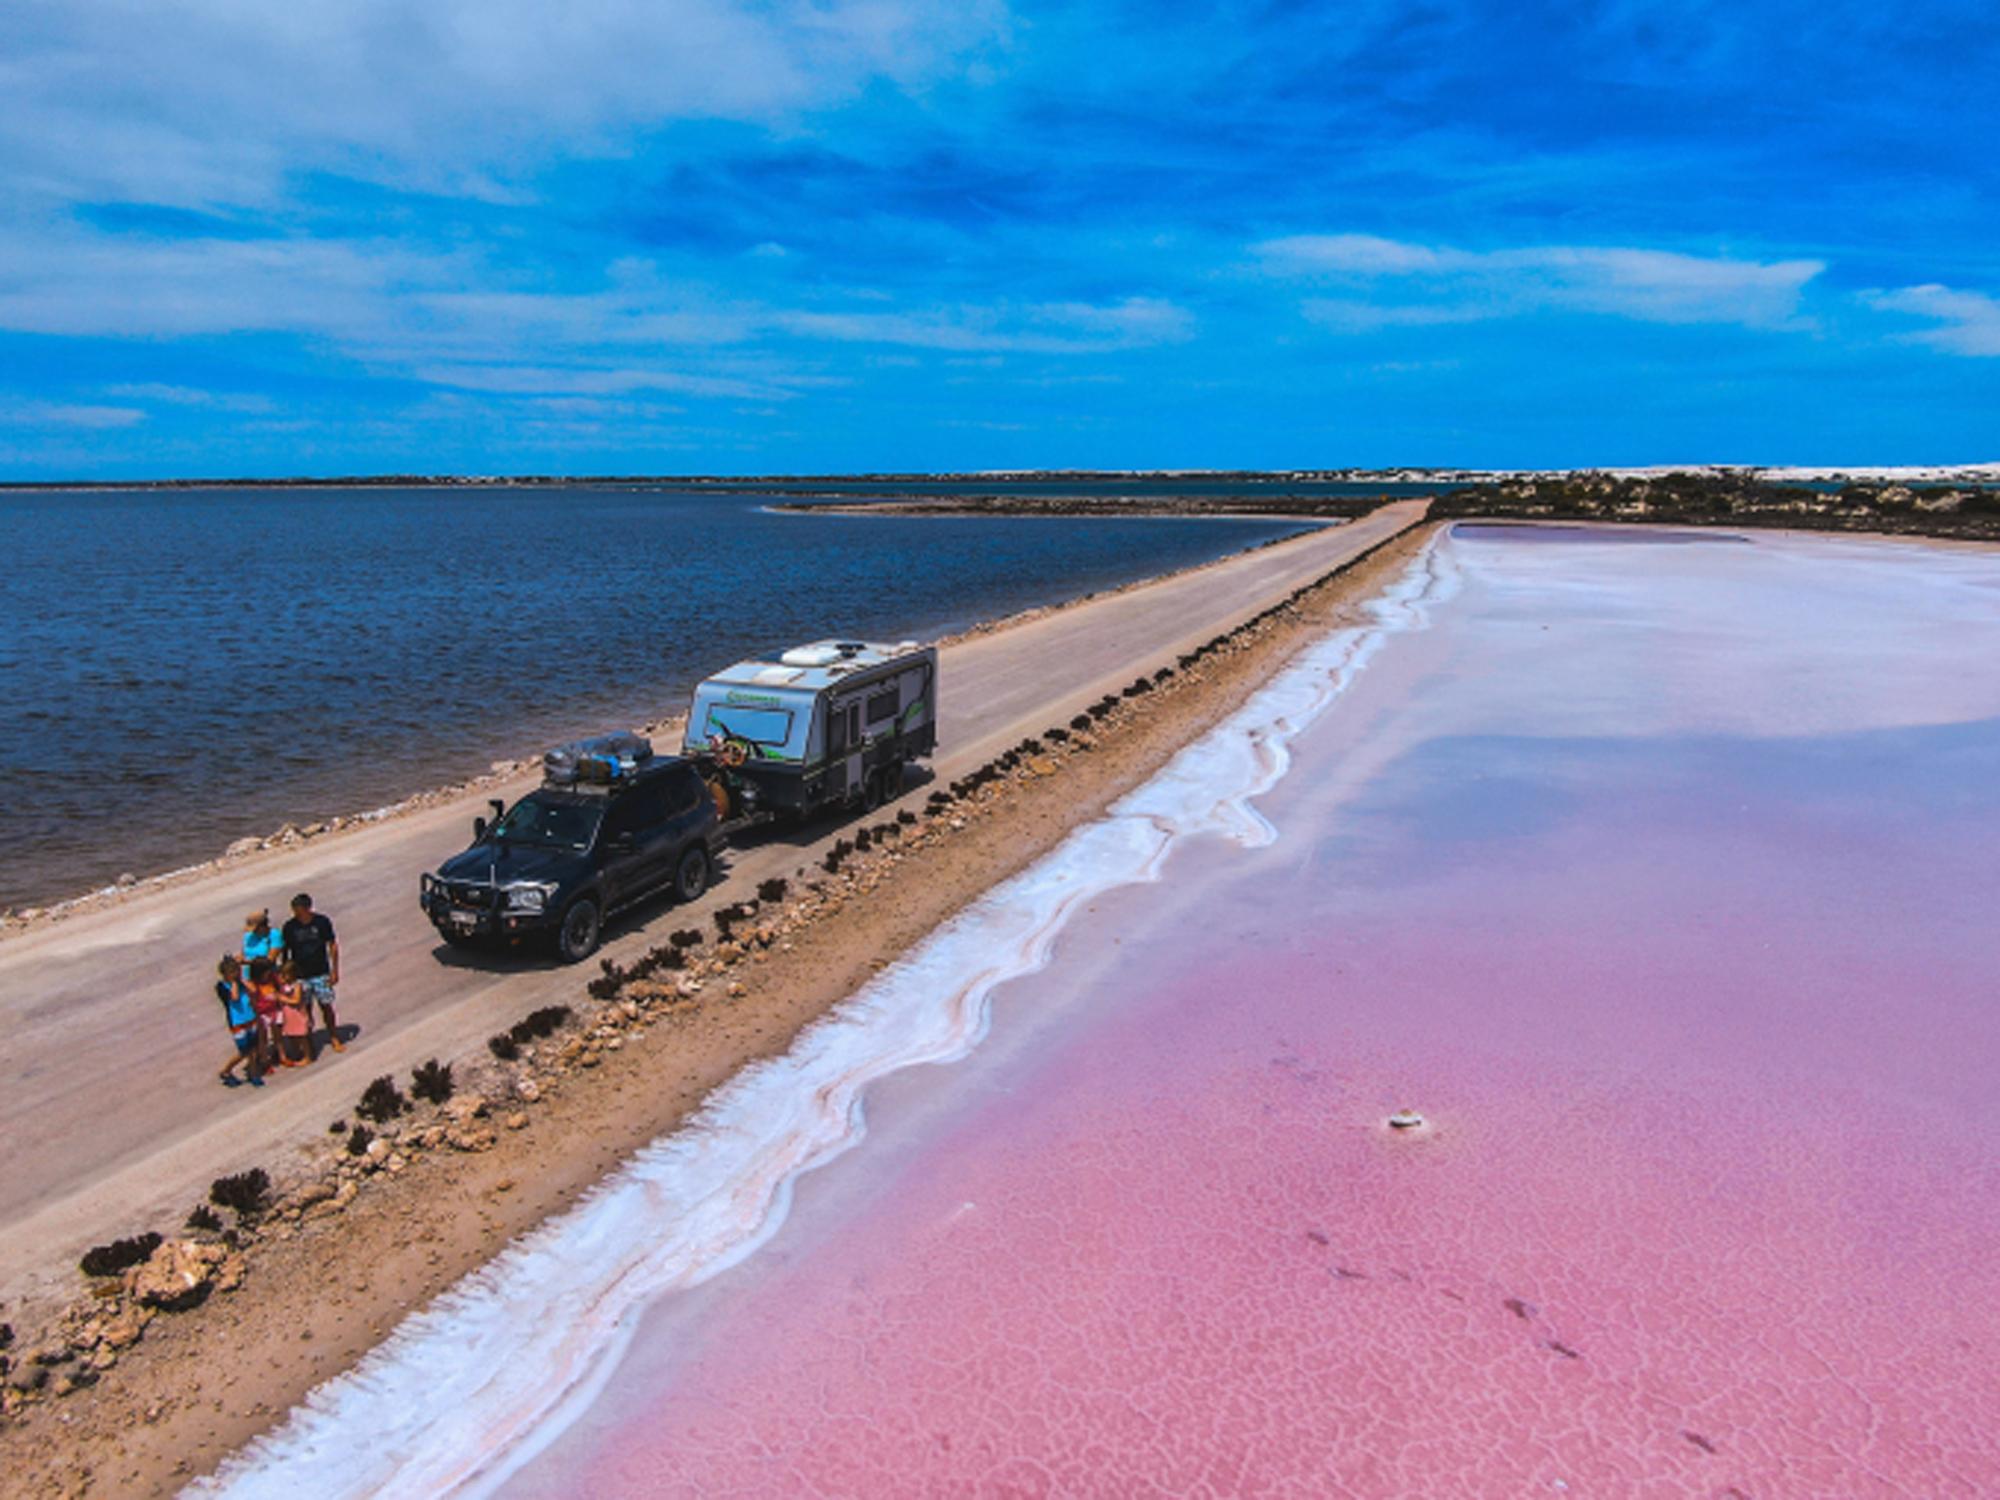 Con đường siêu đẹp giữa hai luồng nước xanh và hồng - Ảnh 2.